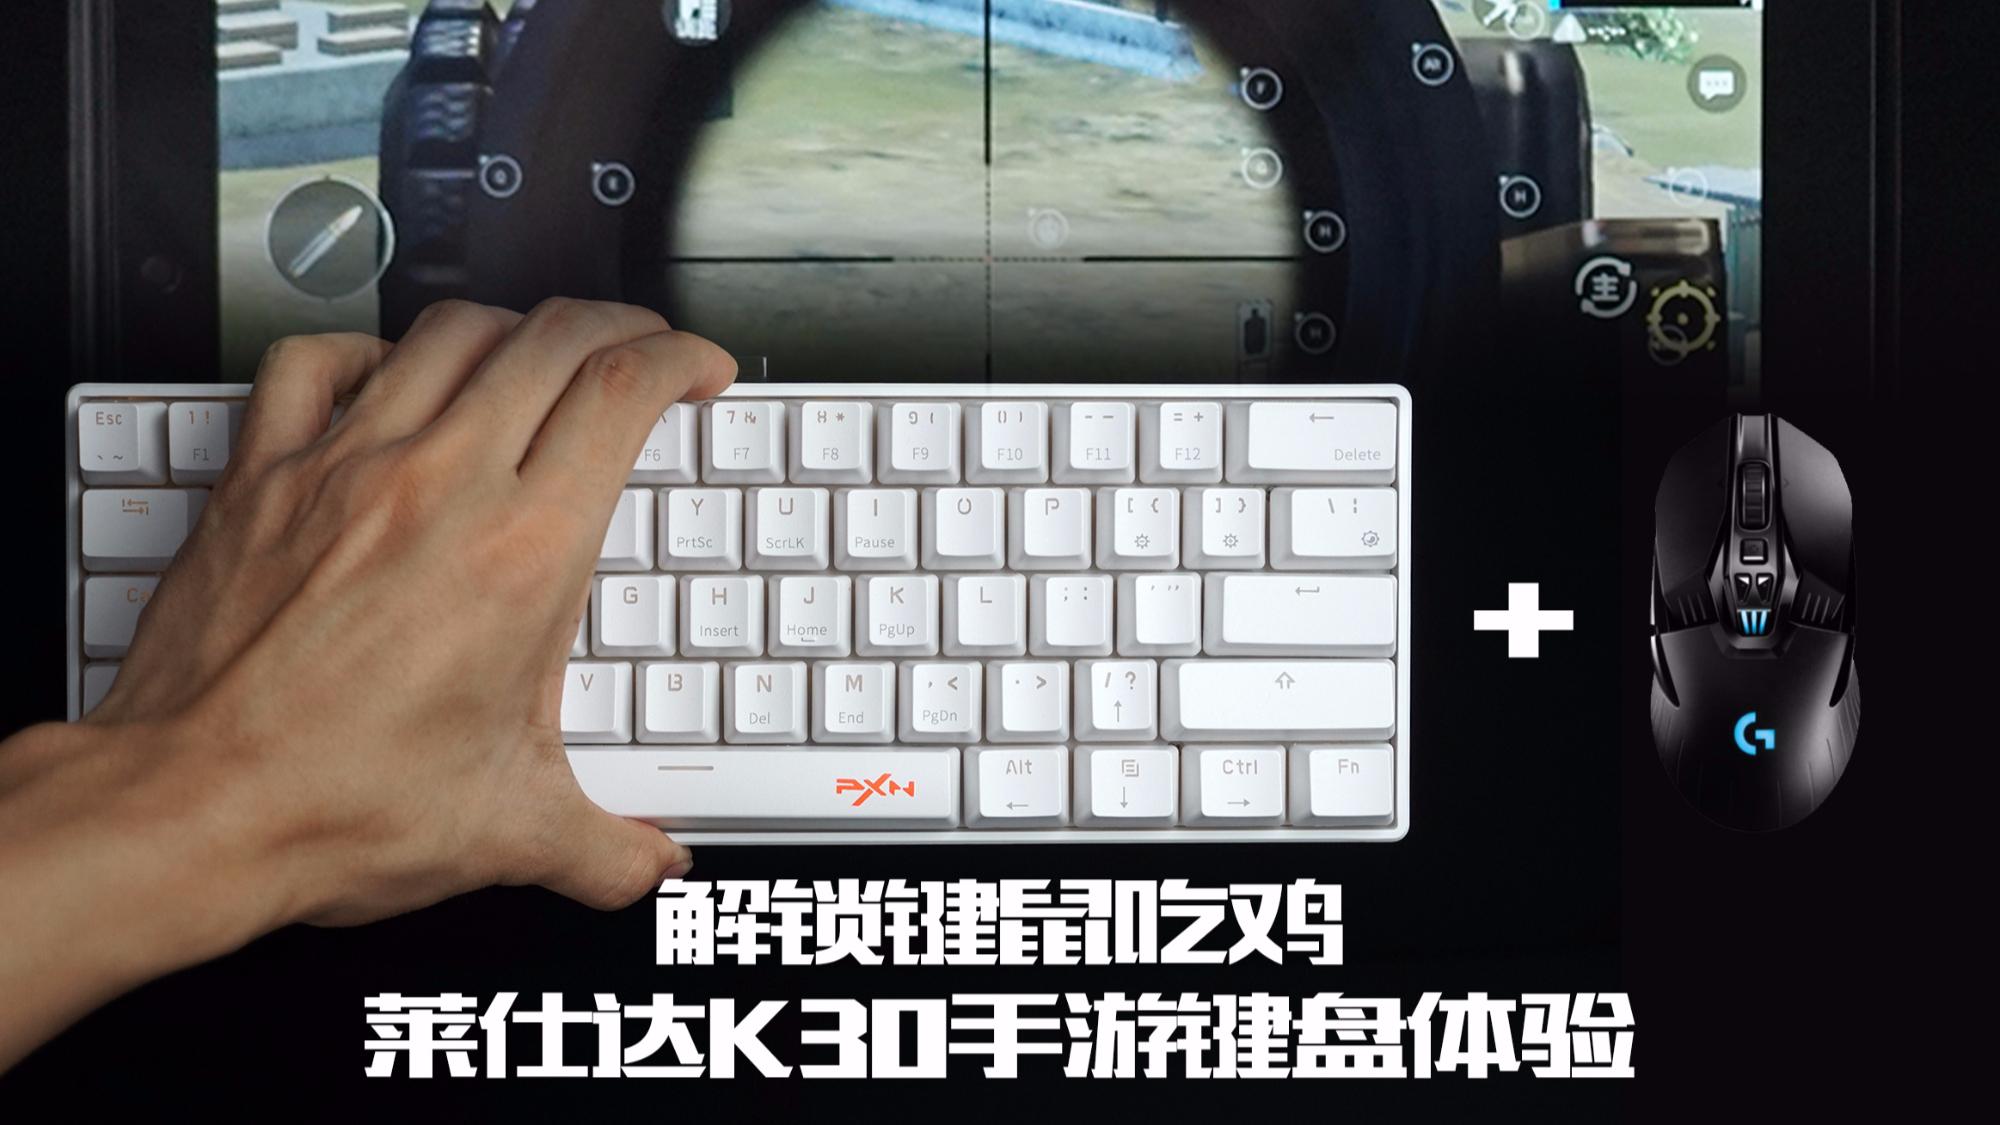 近乎端游般操作体验 莱仕达K30手游机械键盘上手